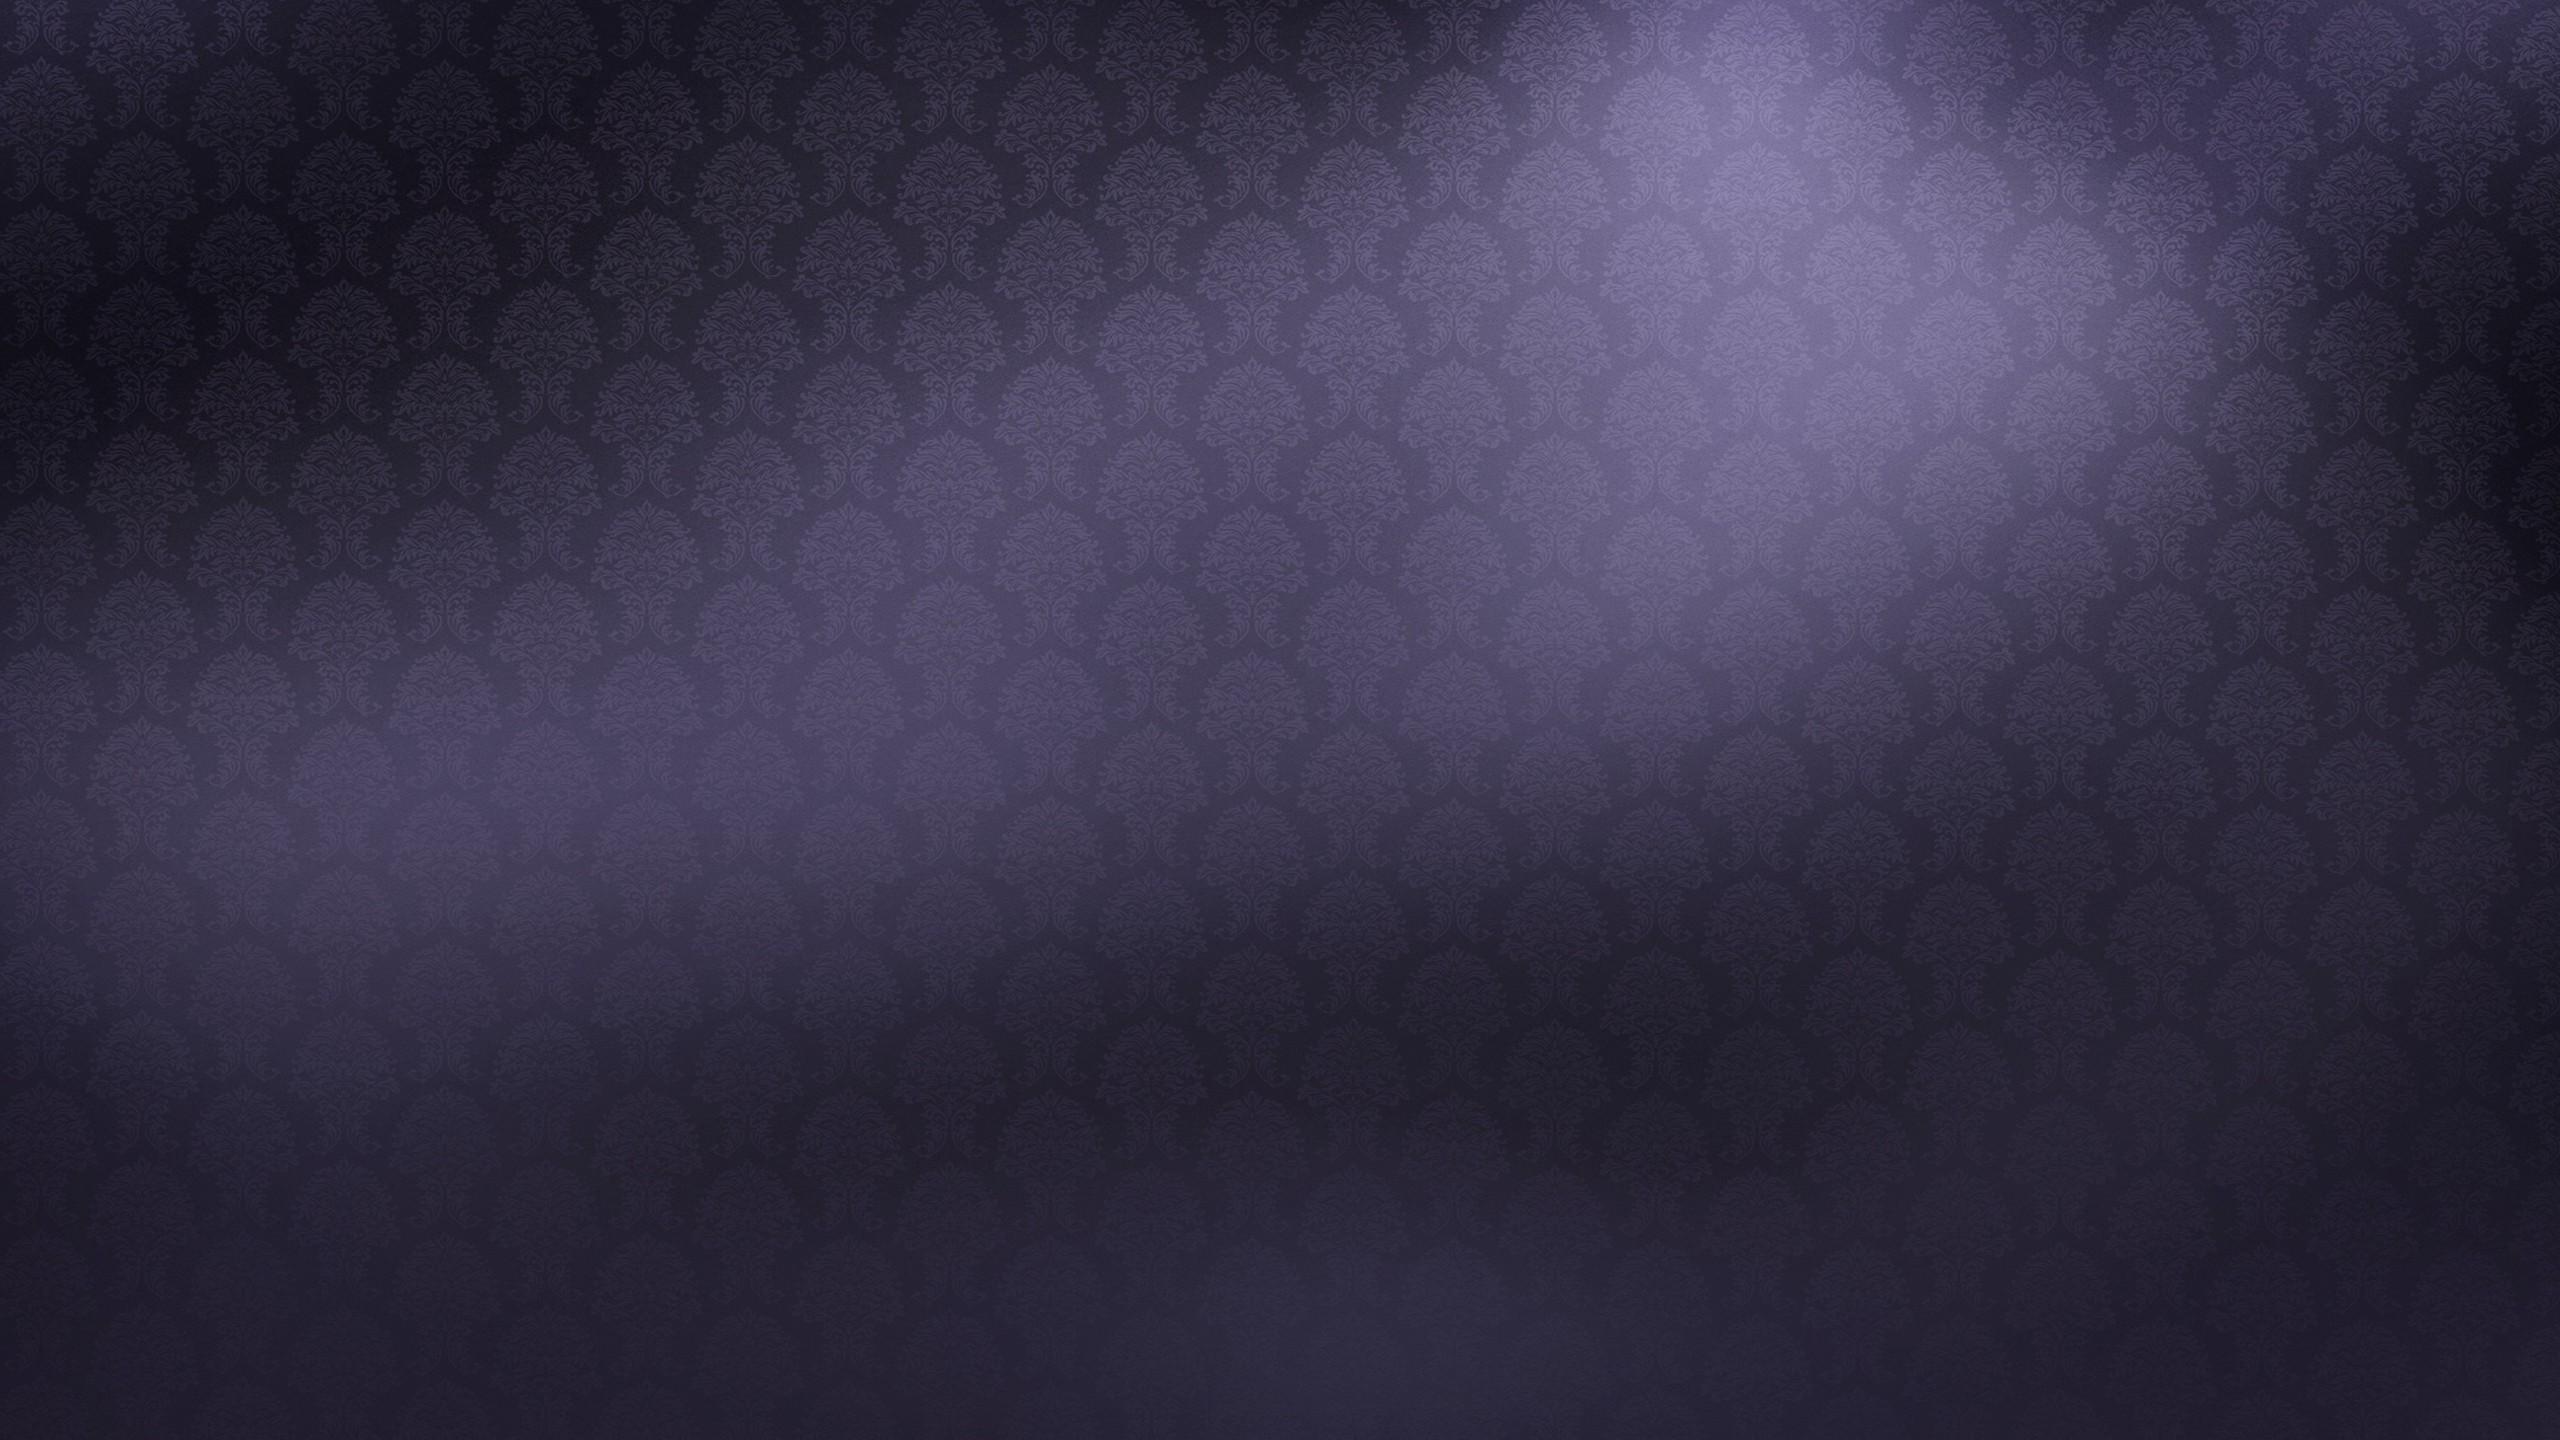 Fond Décran Noir Abstrait Ciel Bleu Modèle Texture